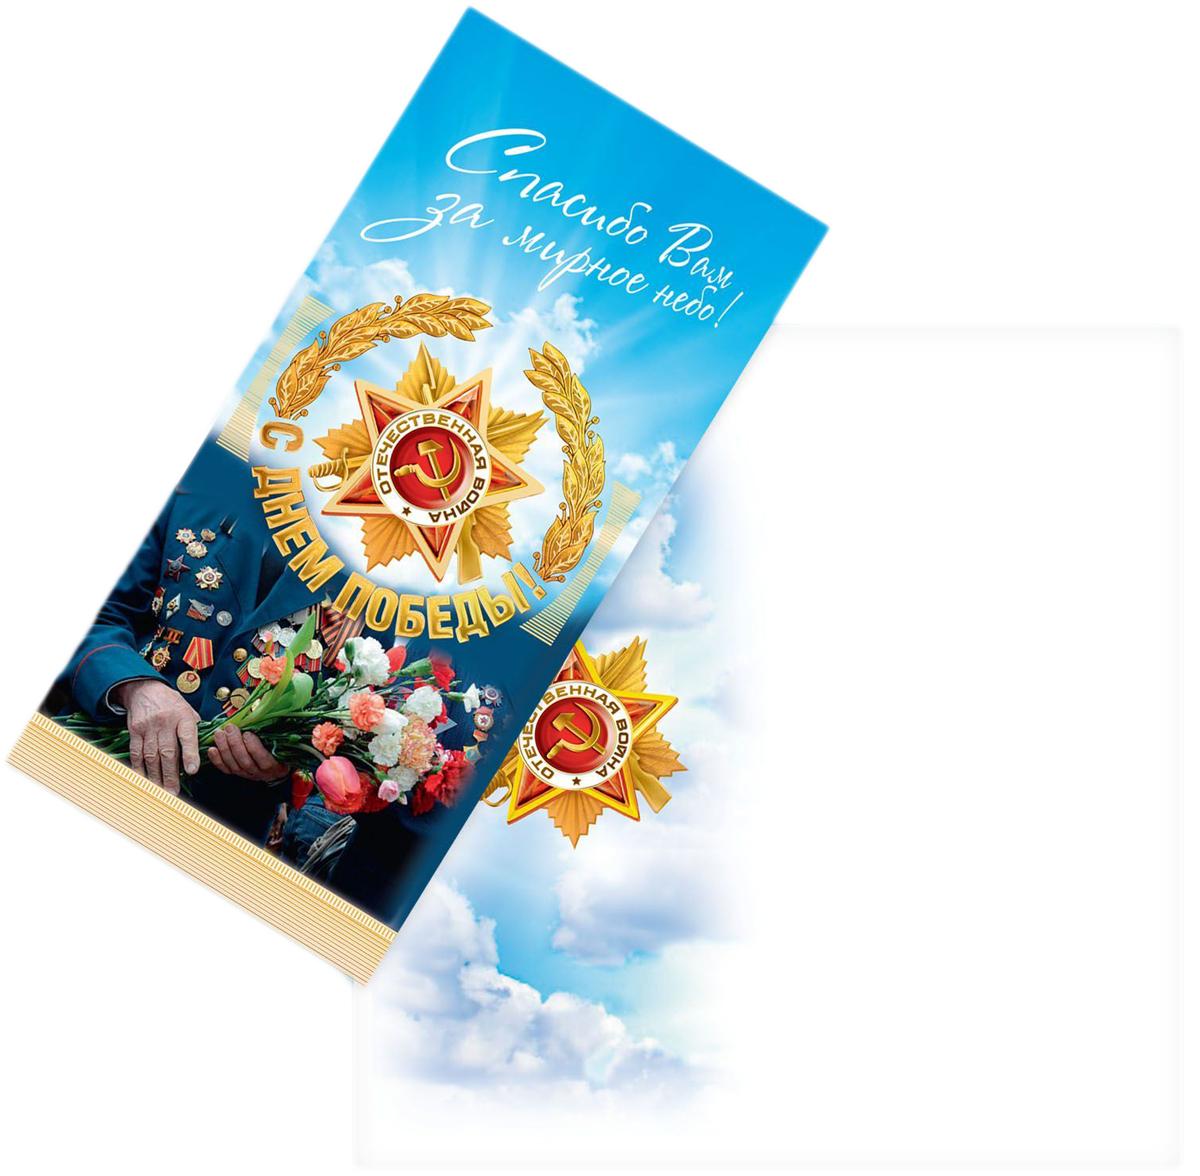 Открытка Дарите cчастье С днем Победы! Ветераны2109612Выразить свои чувства и дополнить основной подарок тёплыми словами вам поможет поздравительная открытка. С ней ваше пожелание Счастья, любви и здоровья приобретёт трепетный и душевный подтекст. А воспоминания о праздничном дне ещё долго будут радовать адресата.